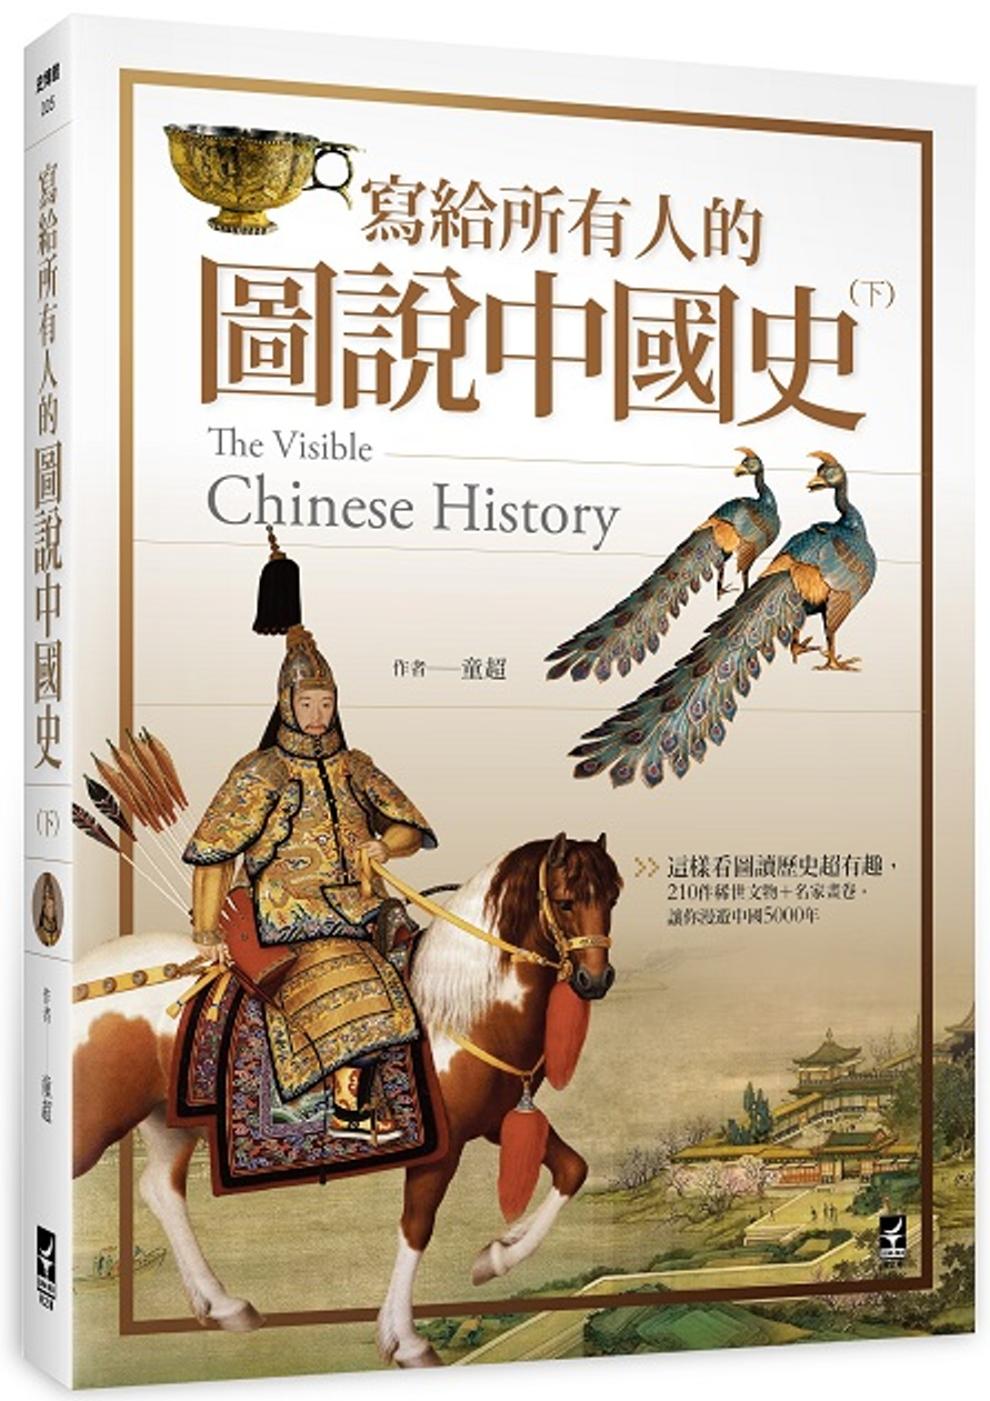 寫給所有人的圖說中國史(下):這樣看圖讀歷史超有趣,210件稀世文物 名家畫卷,讓你漫遊中國5000年